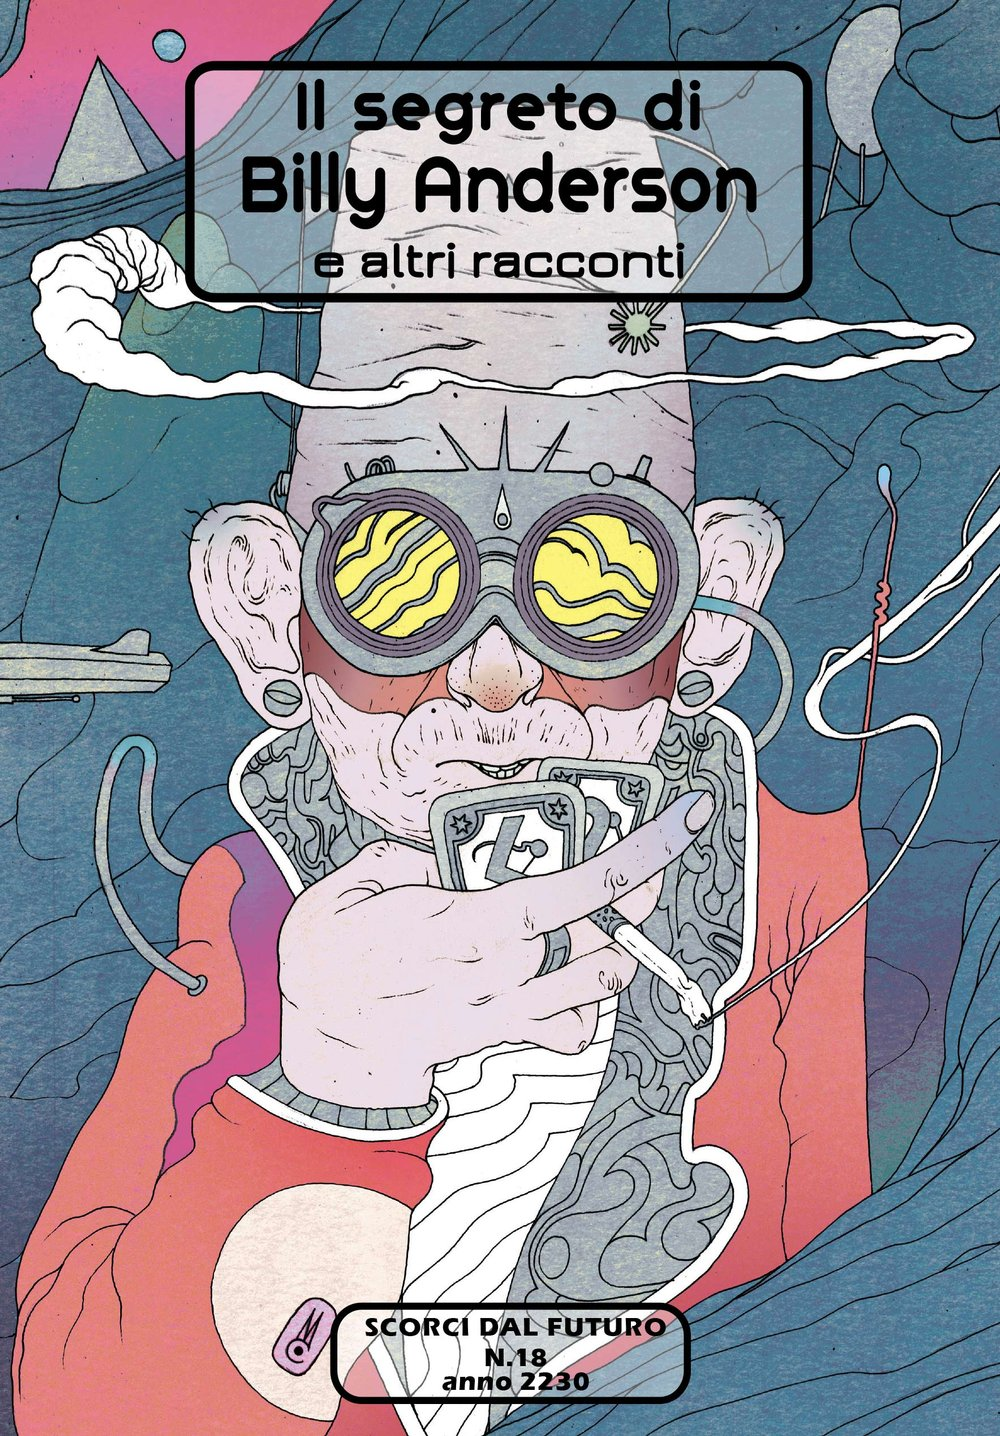 Il segreto di Billy Anderson e altri racconti (Dat Future Edizioni)